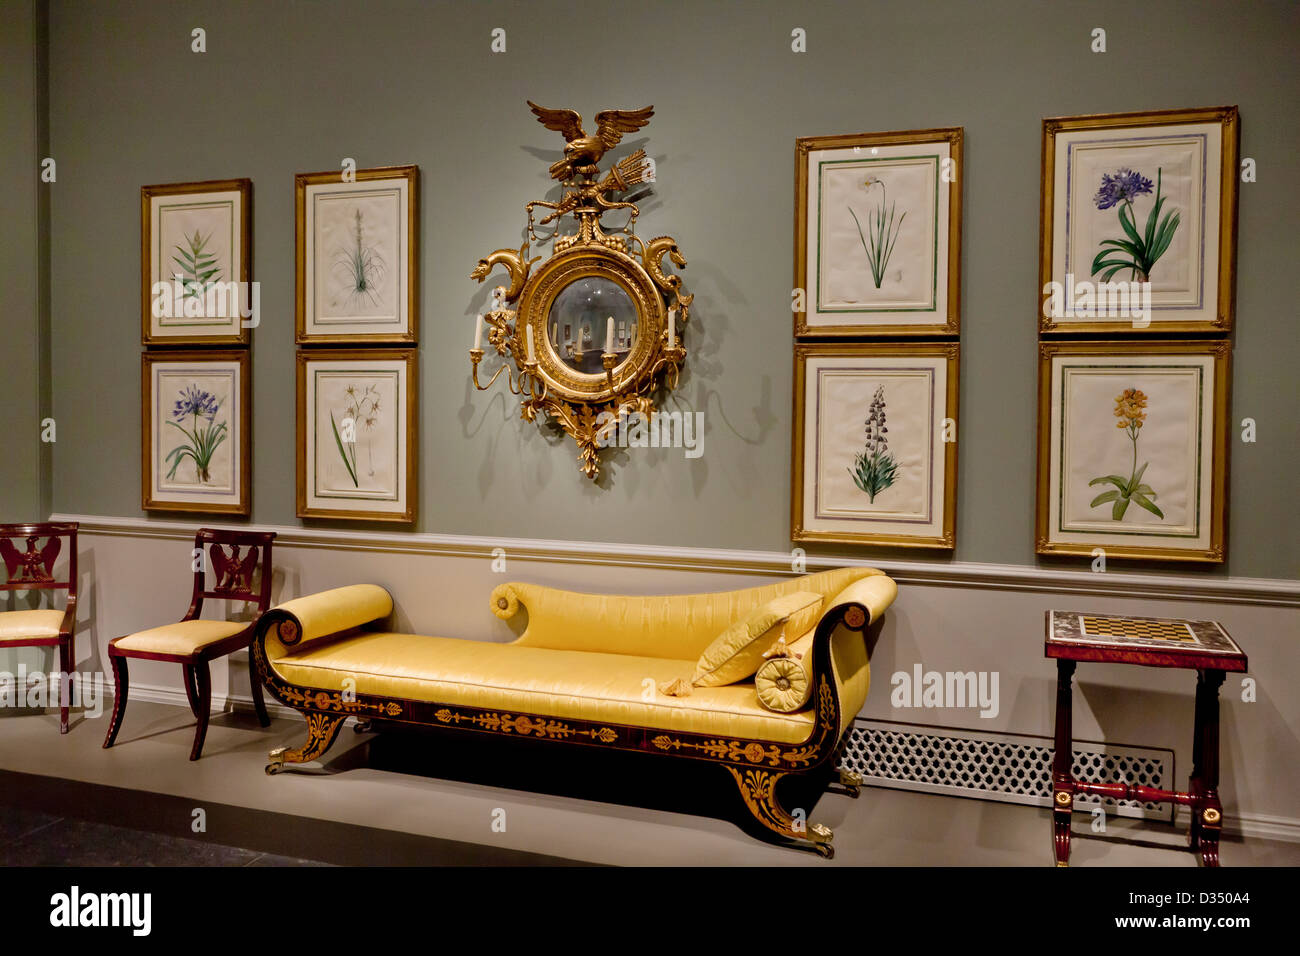 Antike griechische Couch und Gemälde an der Wand Stockbild